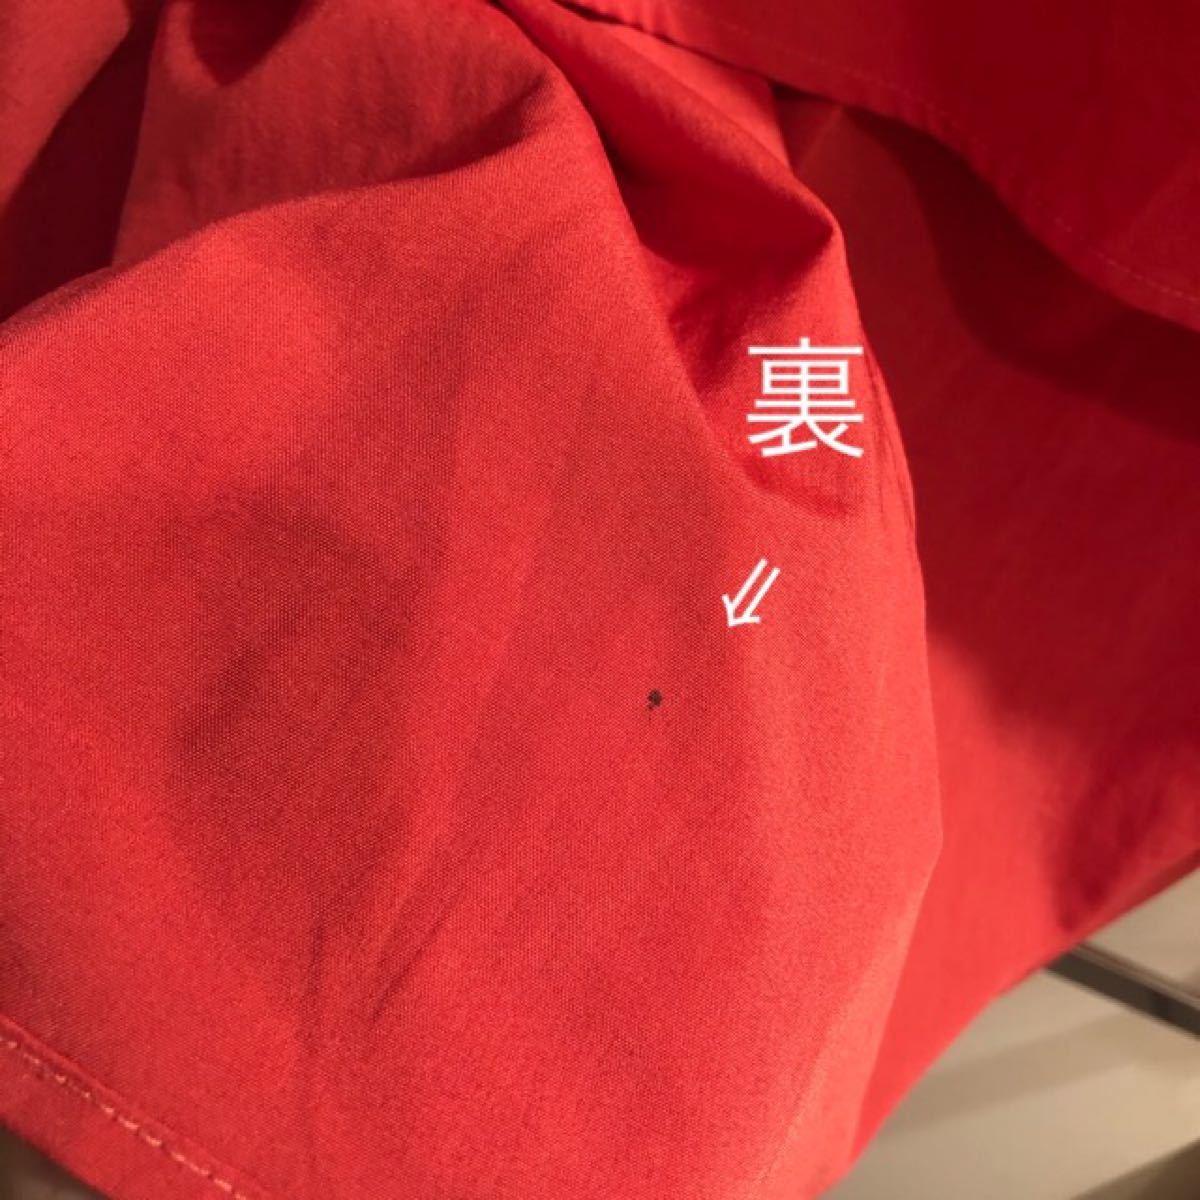 シャツワンピース 半袖 Aライン  OPAQUE 赤 マキシワンピース